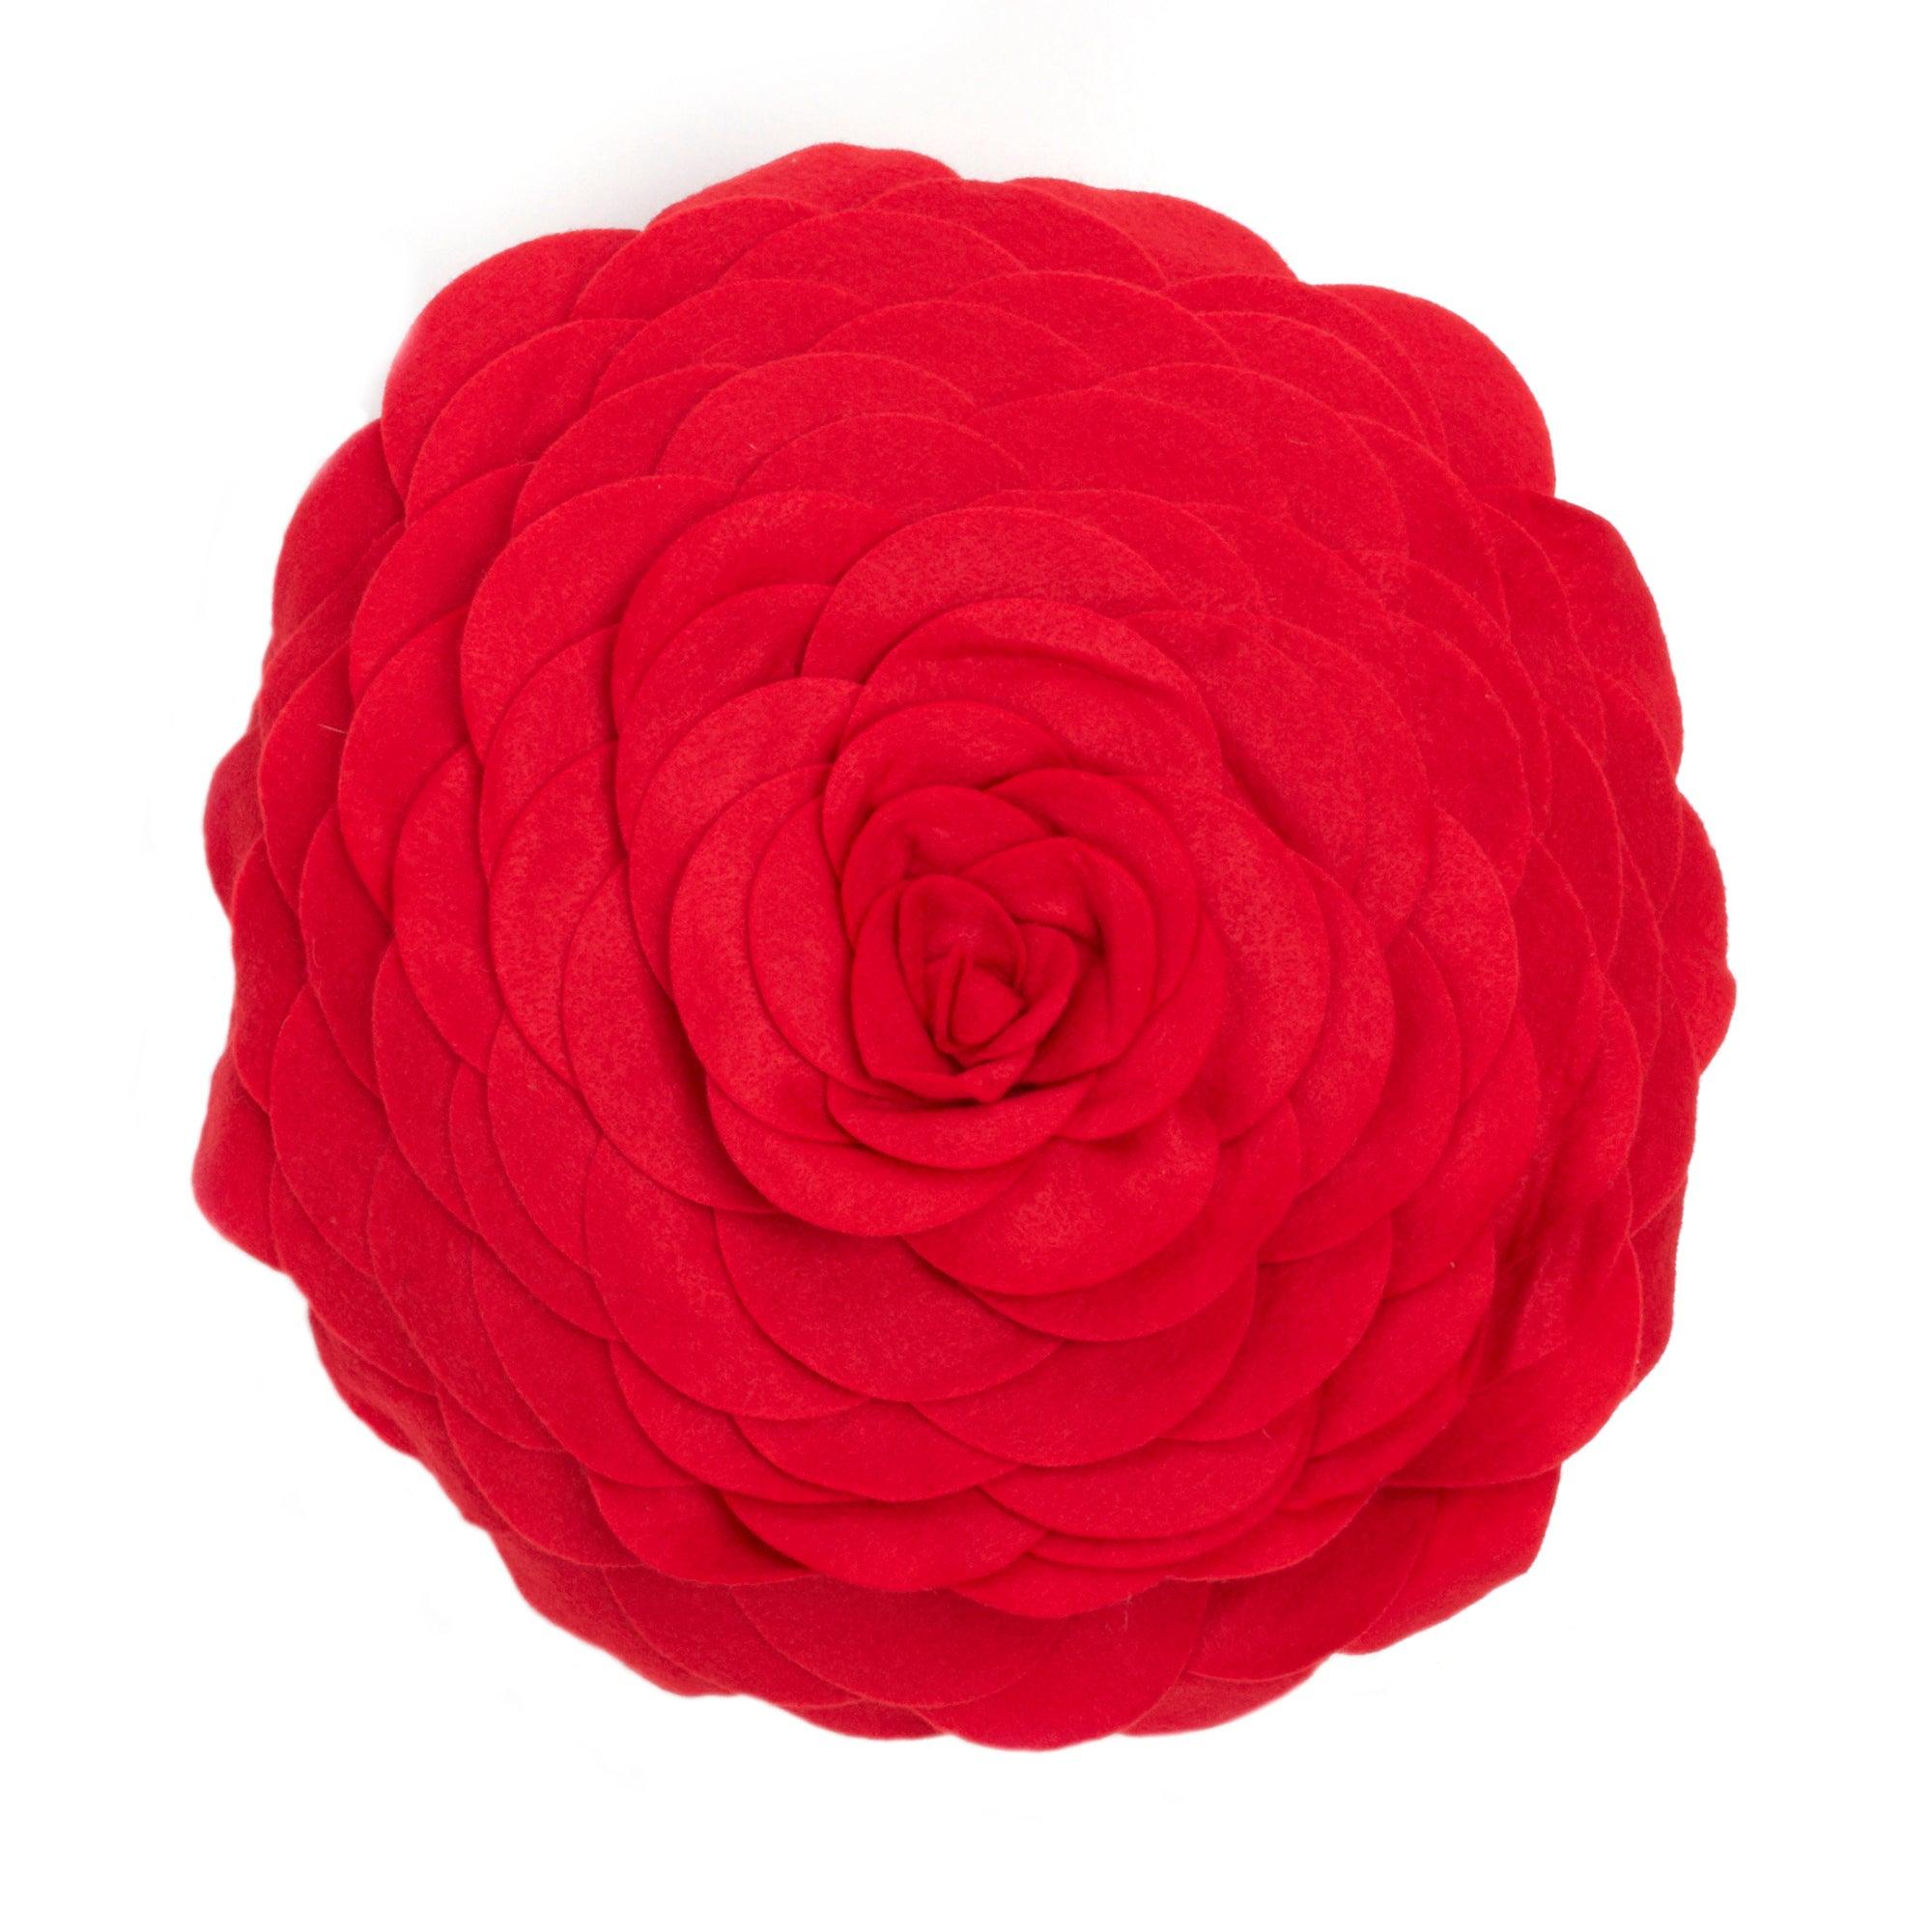 Red Rosie Felt Cushion